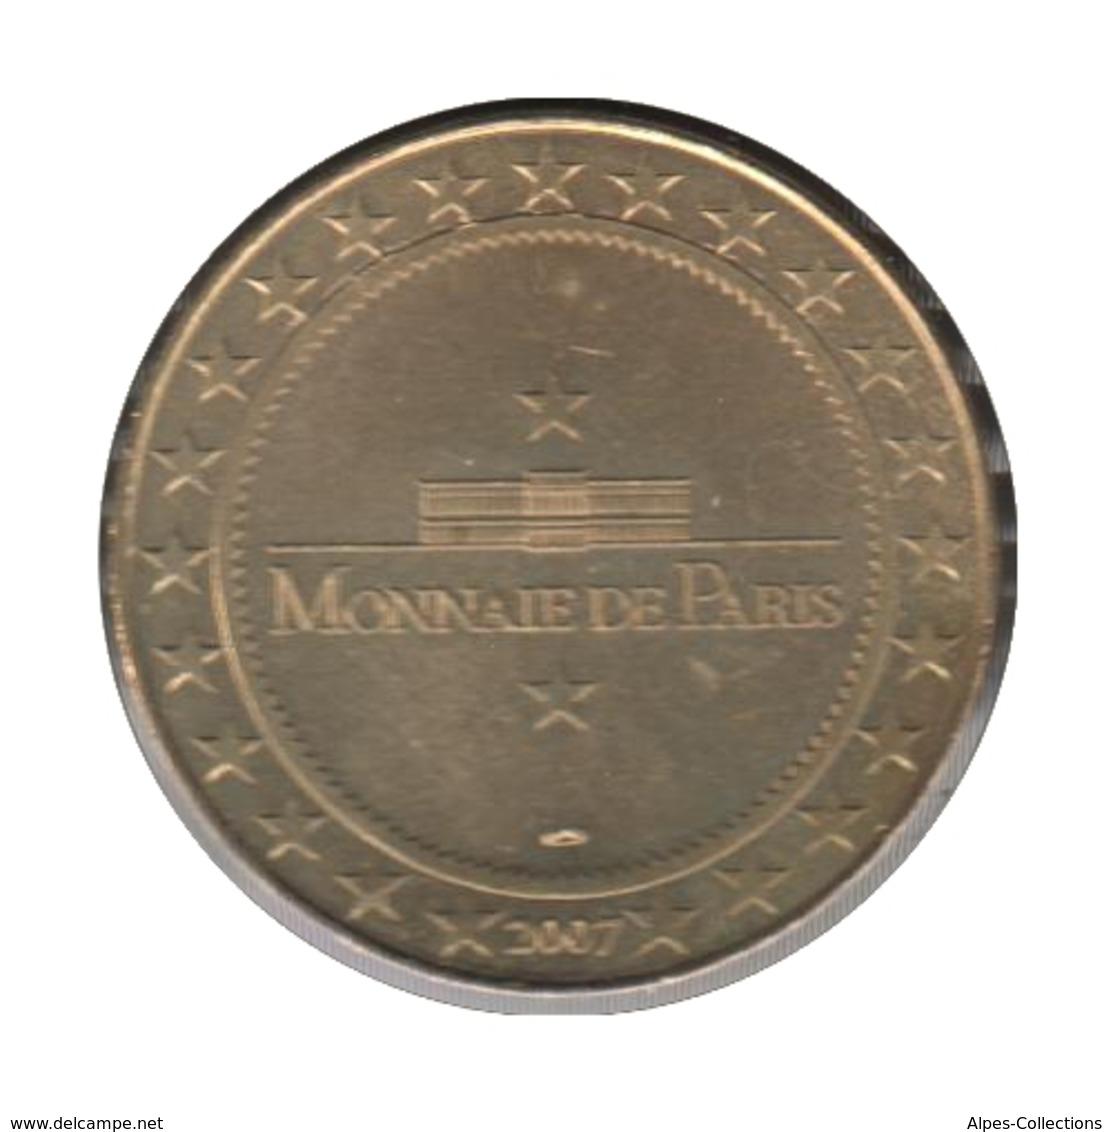 63021 - MEDAILLE TOURISTIQUE MONNAIE DE PARIS 63 - Abbatiale St Austremoine - 2007 - Monnaie De Paris